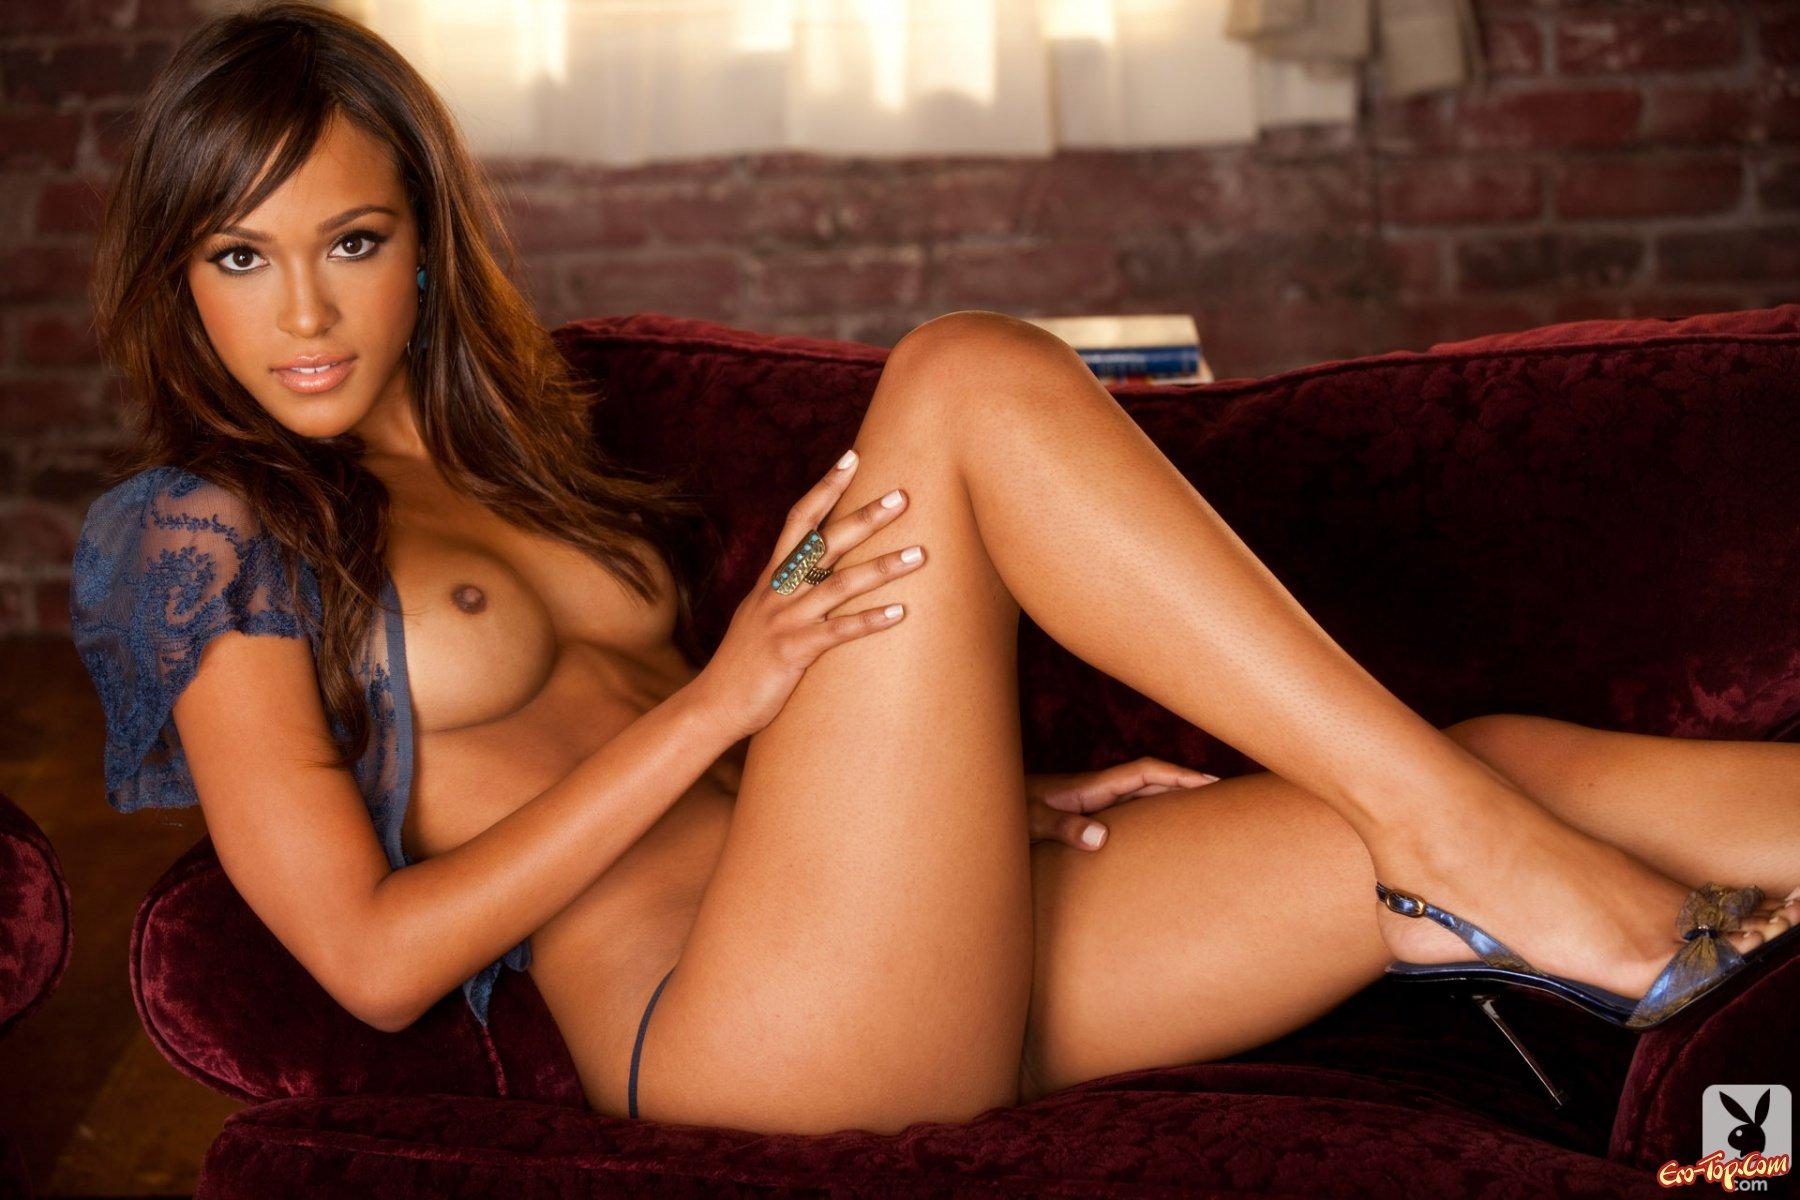 Фото самых лучших фотомоделей и порно моделей, Голые модели - красивые обнаженные модели на фото 25 фотография